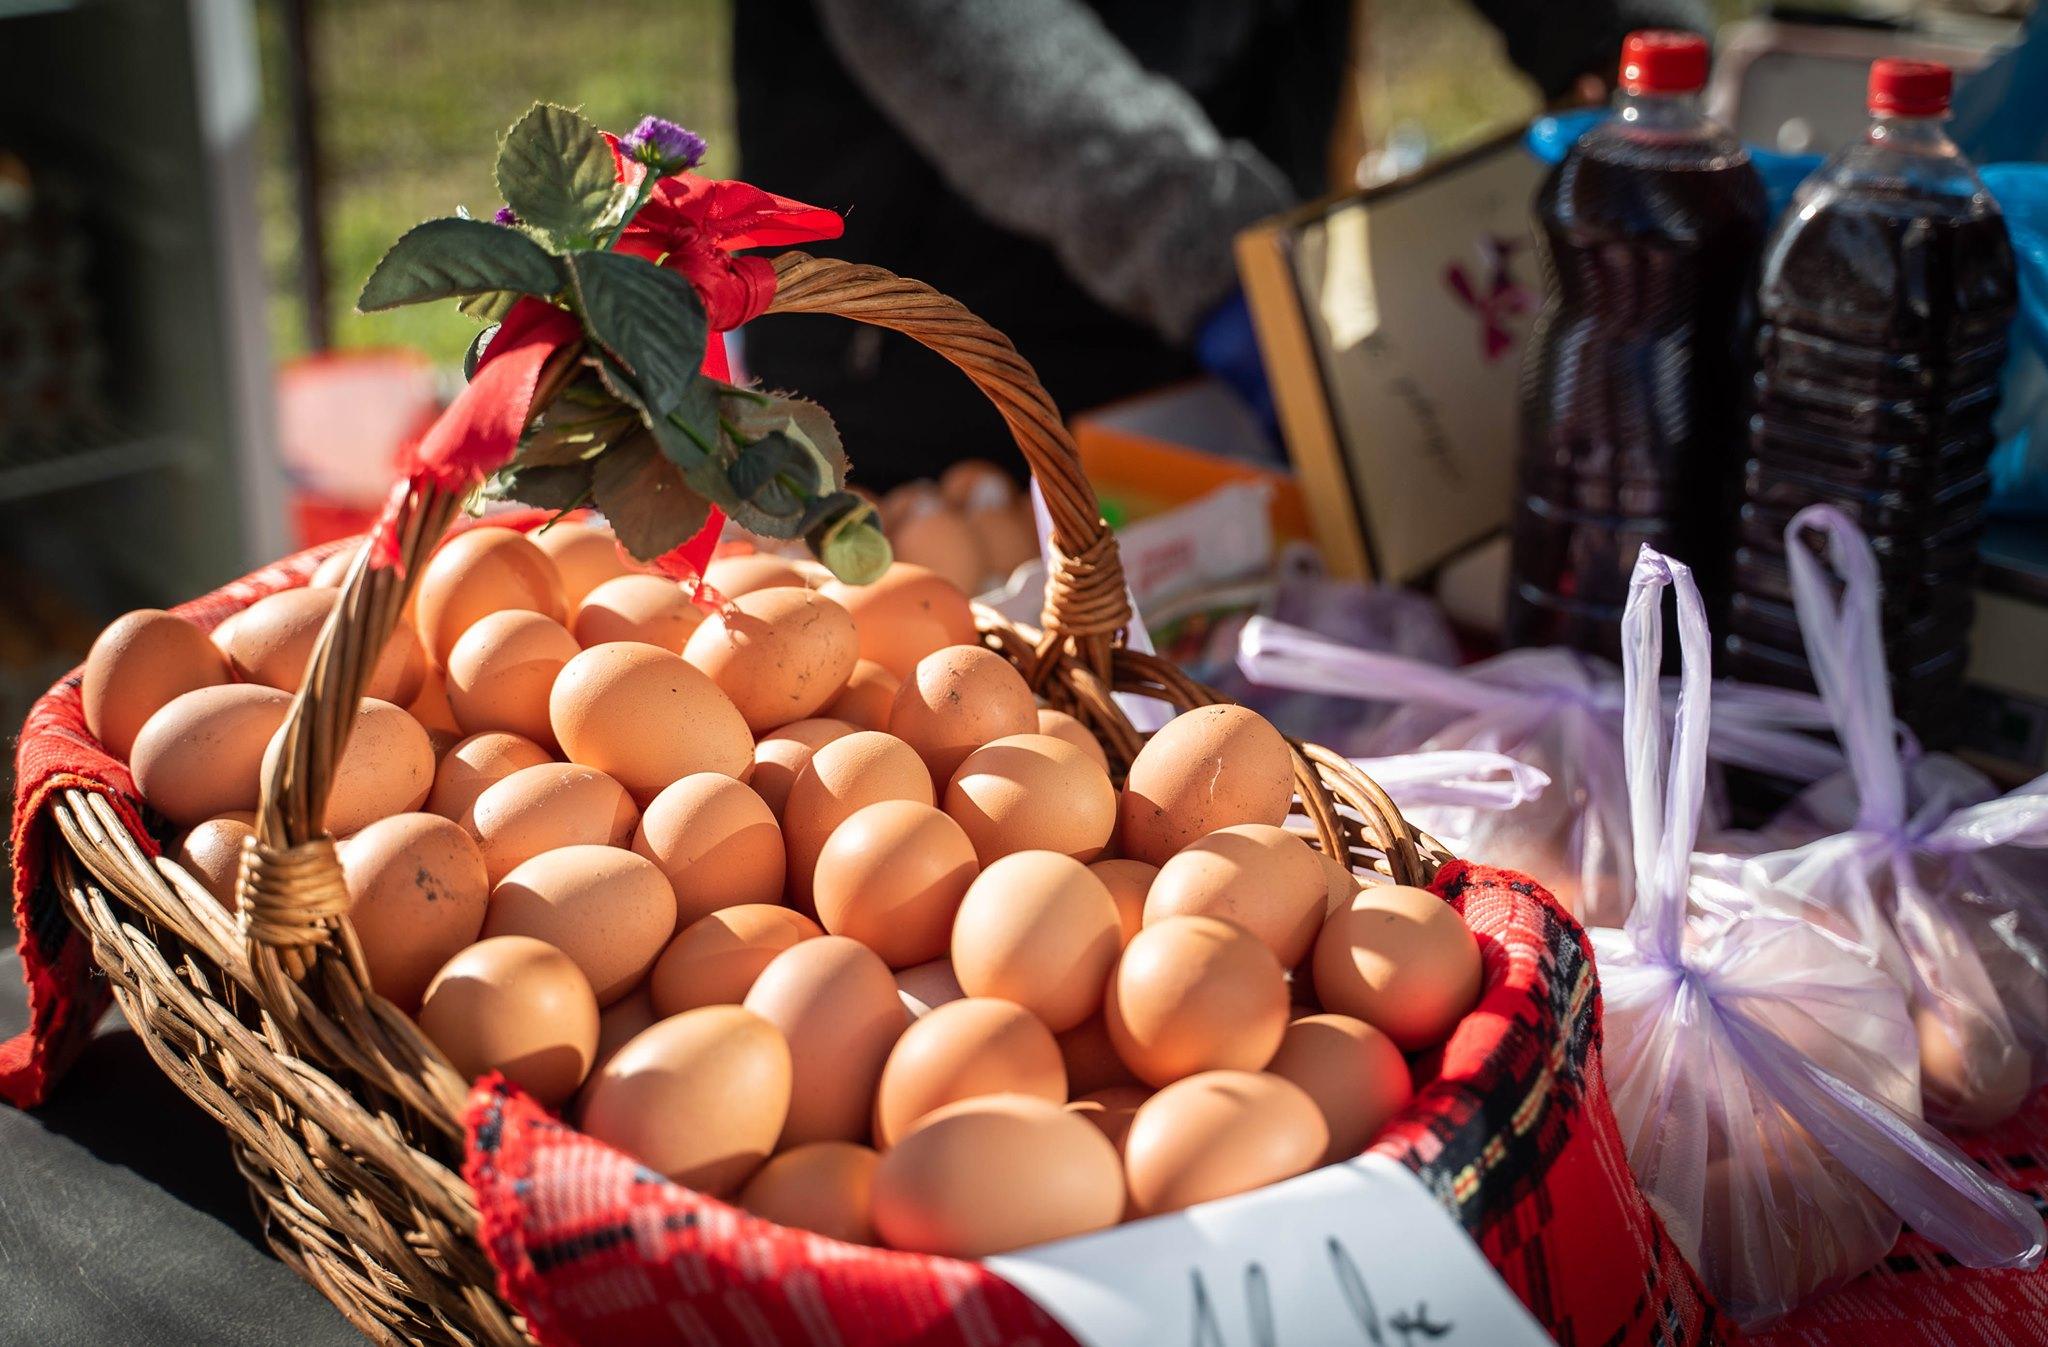 Piața Volantă Transilvania, deschisă pentru sibieni înainte de sărbătorile pascale